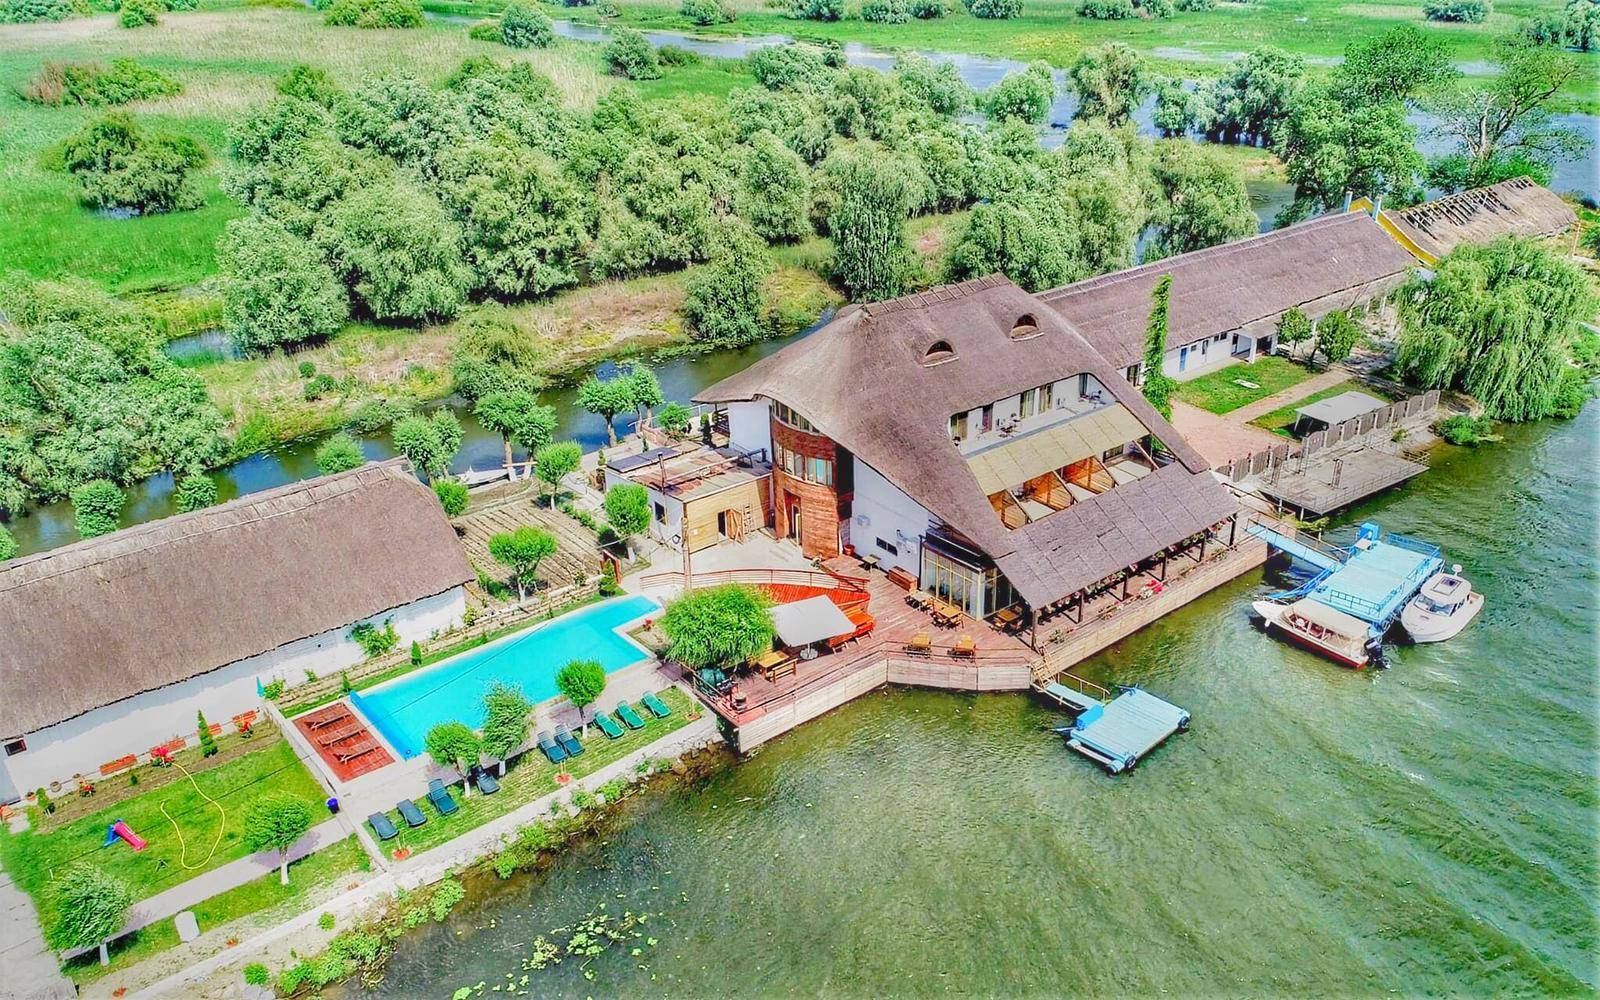 Insula din Mila 23, cazare cu piscina